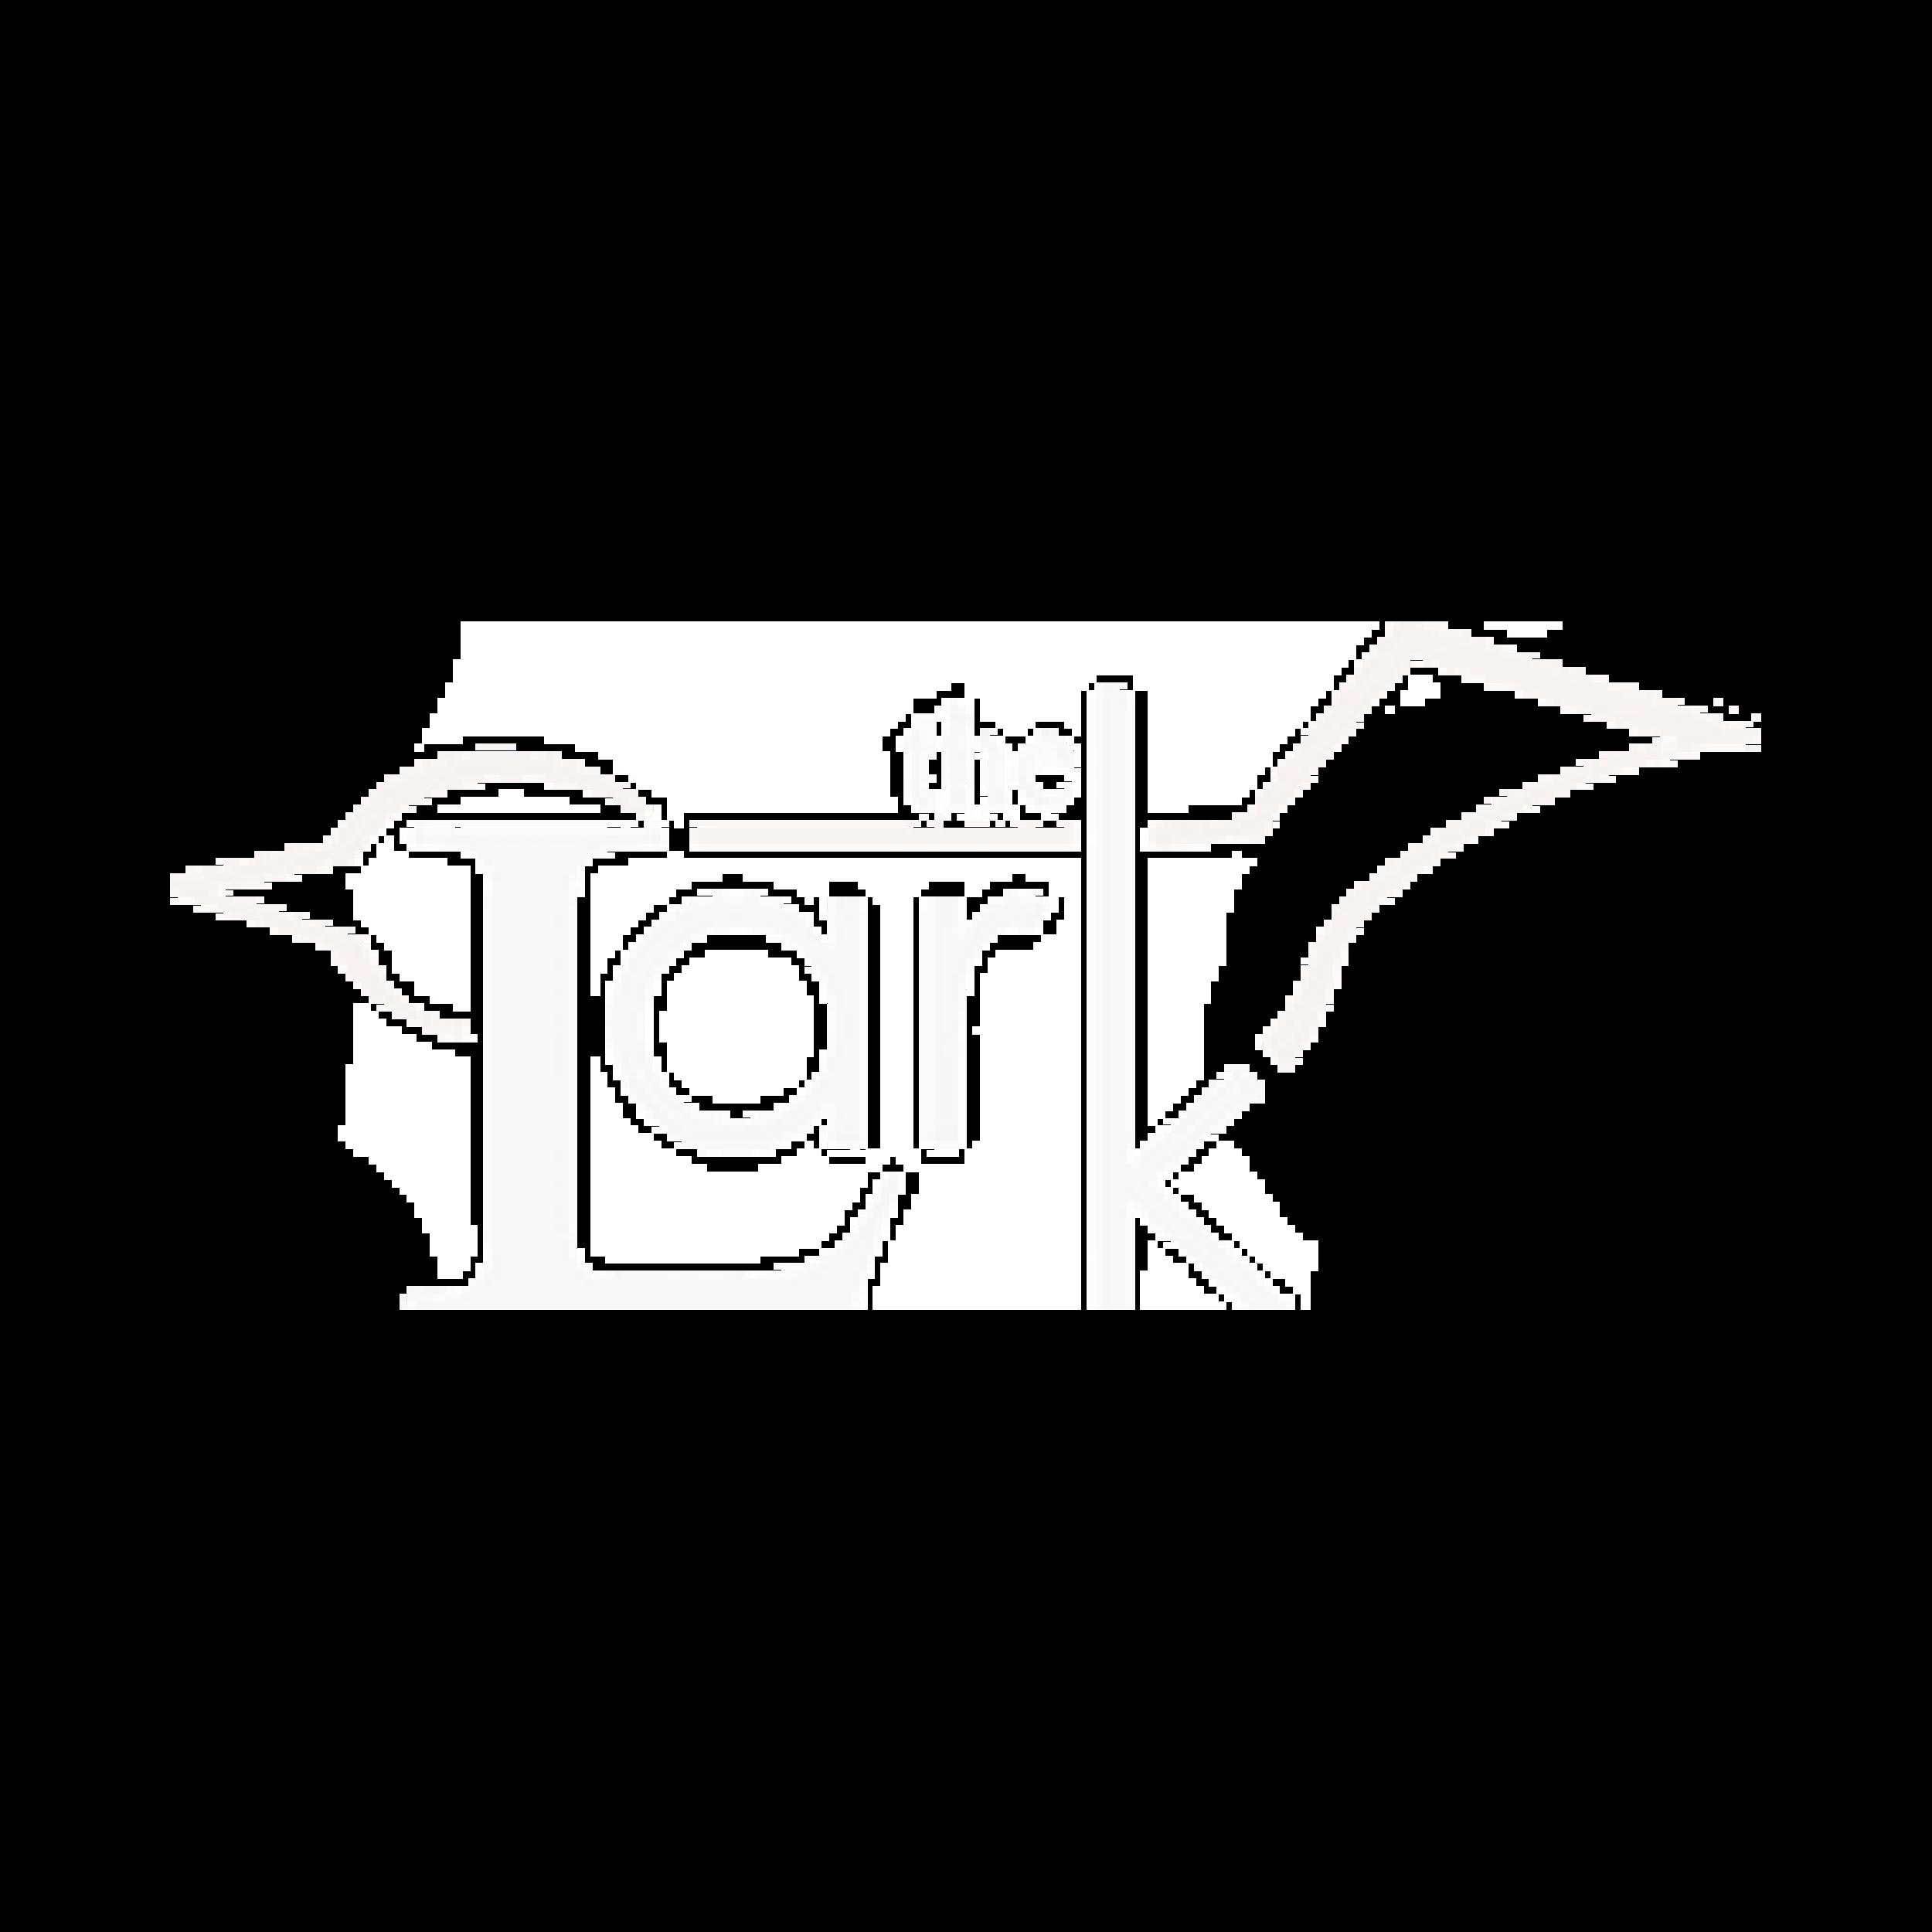 bih_logo_sponsors_2018-01-06.png